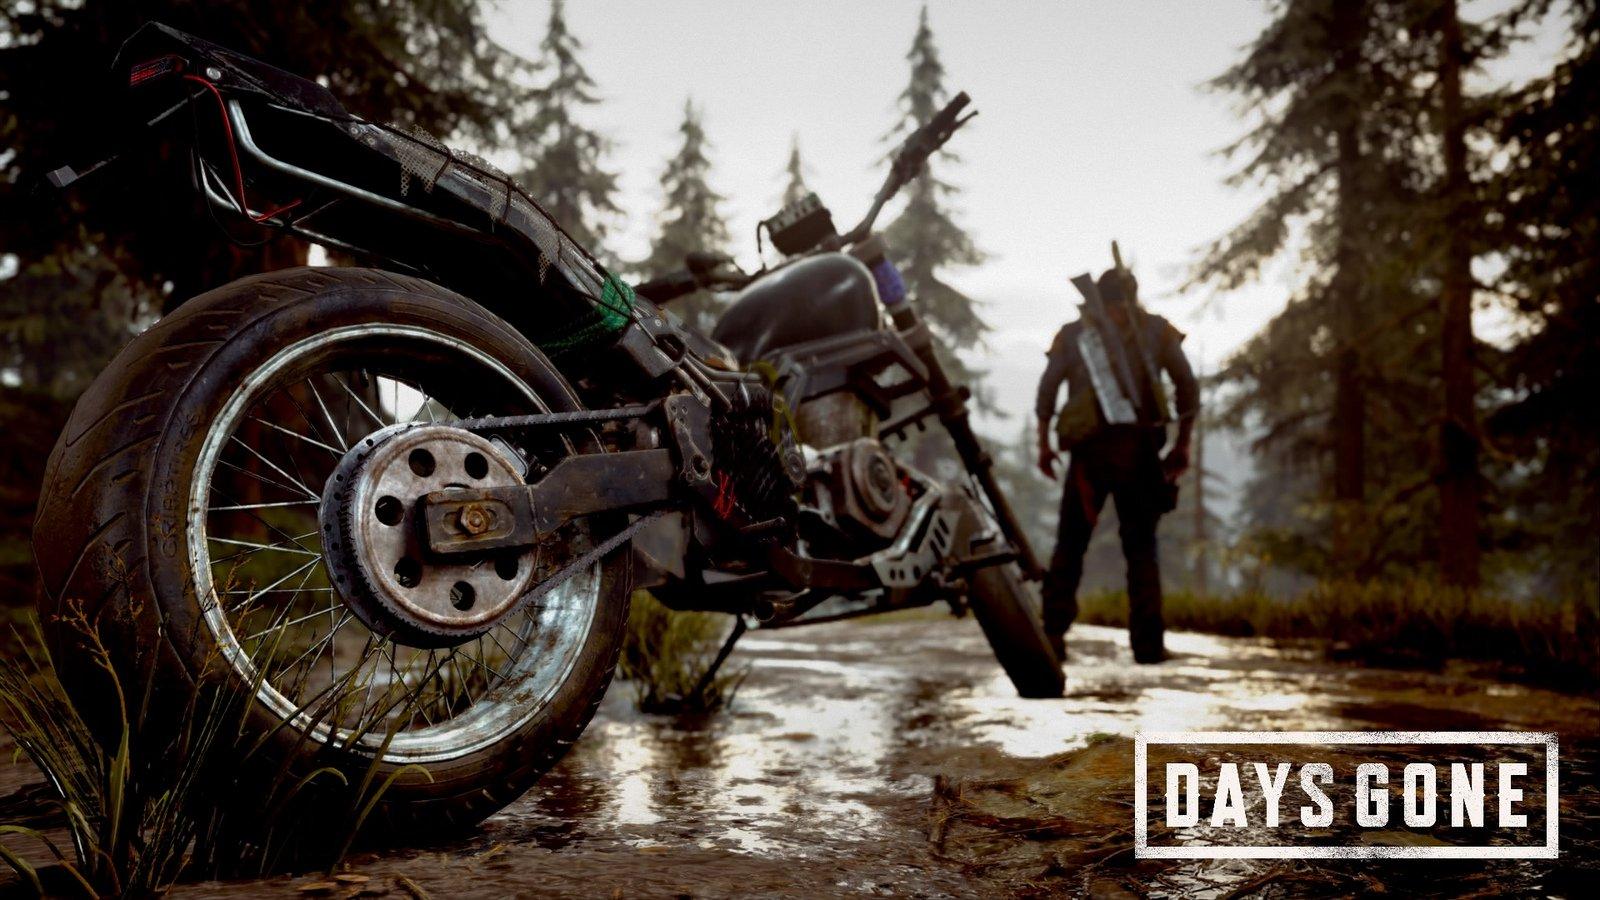 Как отремонтировать мотоцикл в Days Gone?